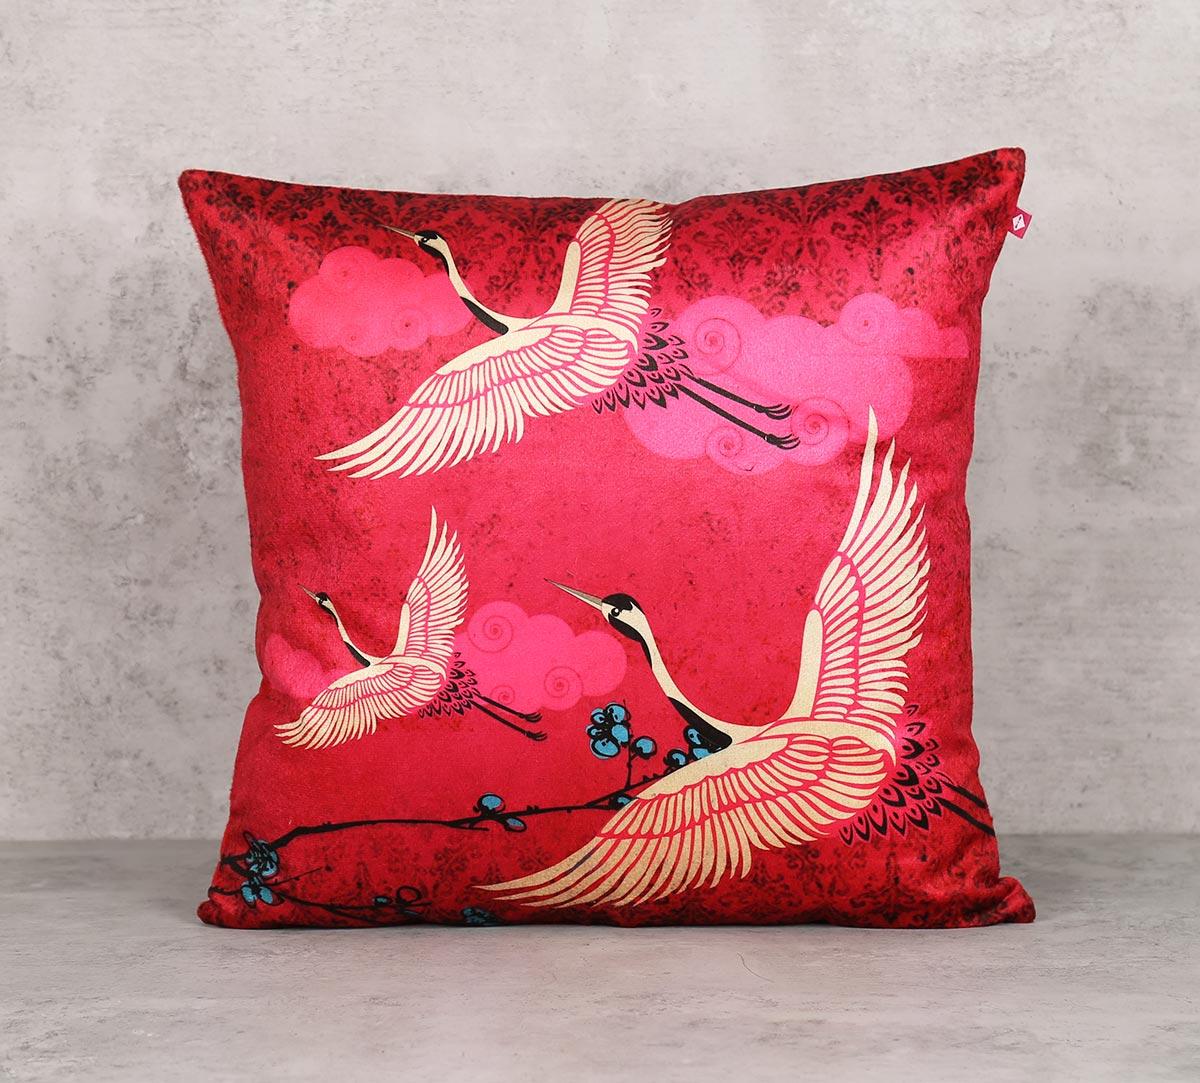 Legend Of The Cranes Blend Velvet Cushion Cover